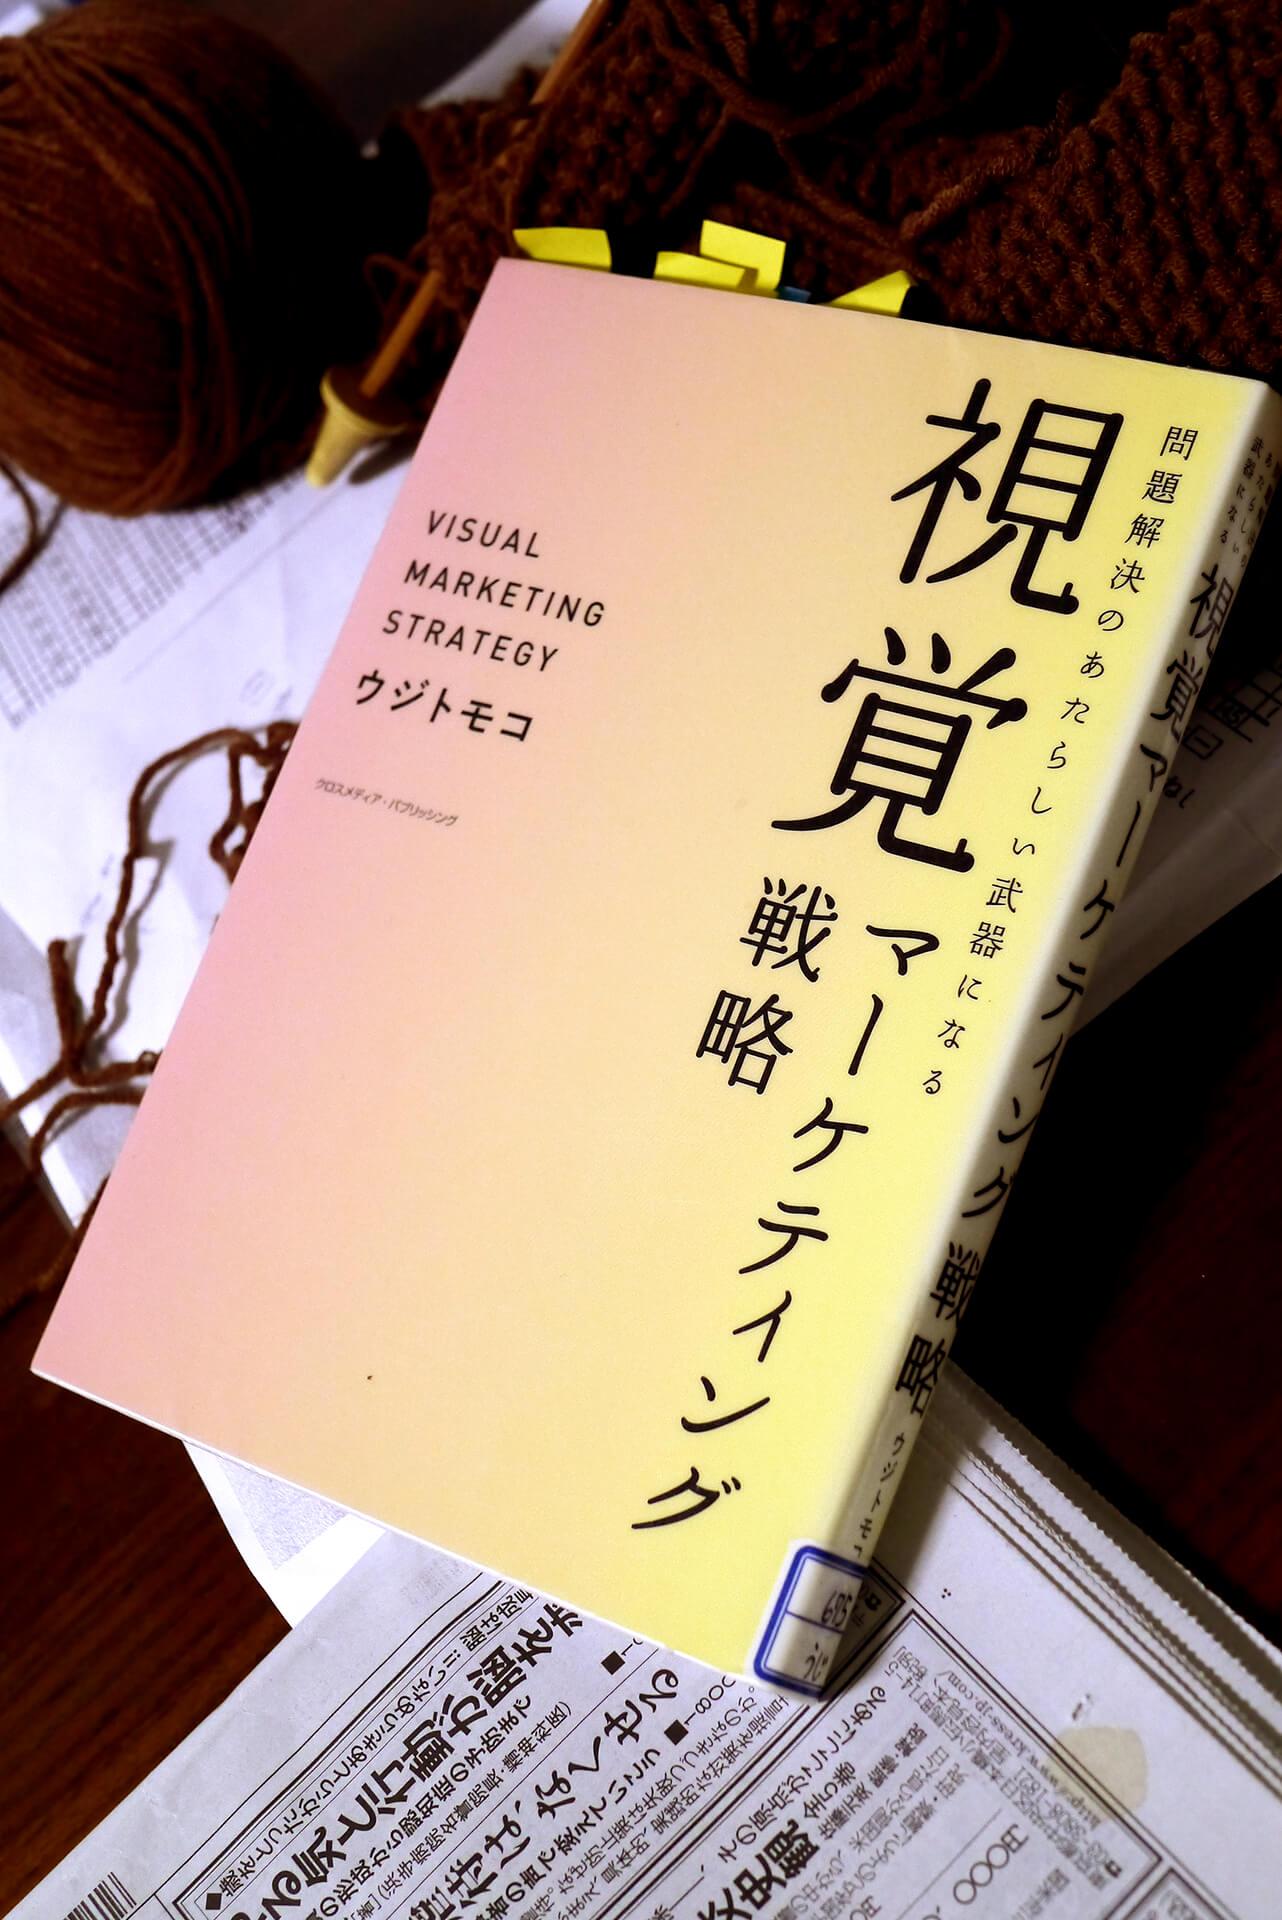 書籍問題解決のあたらしい武器になる視覚マーケティング戦略(ウジ トモコ /クロスメディア・パブリッシング(インプレス) )」の表紙画像